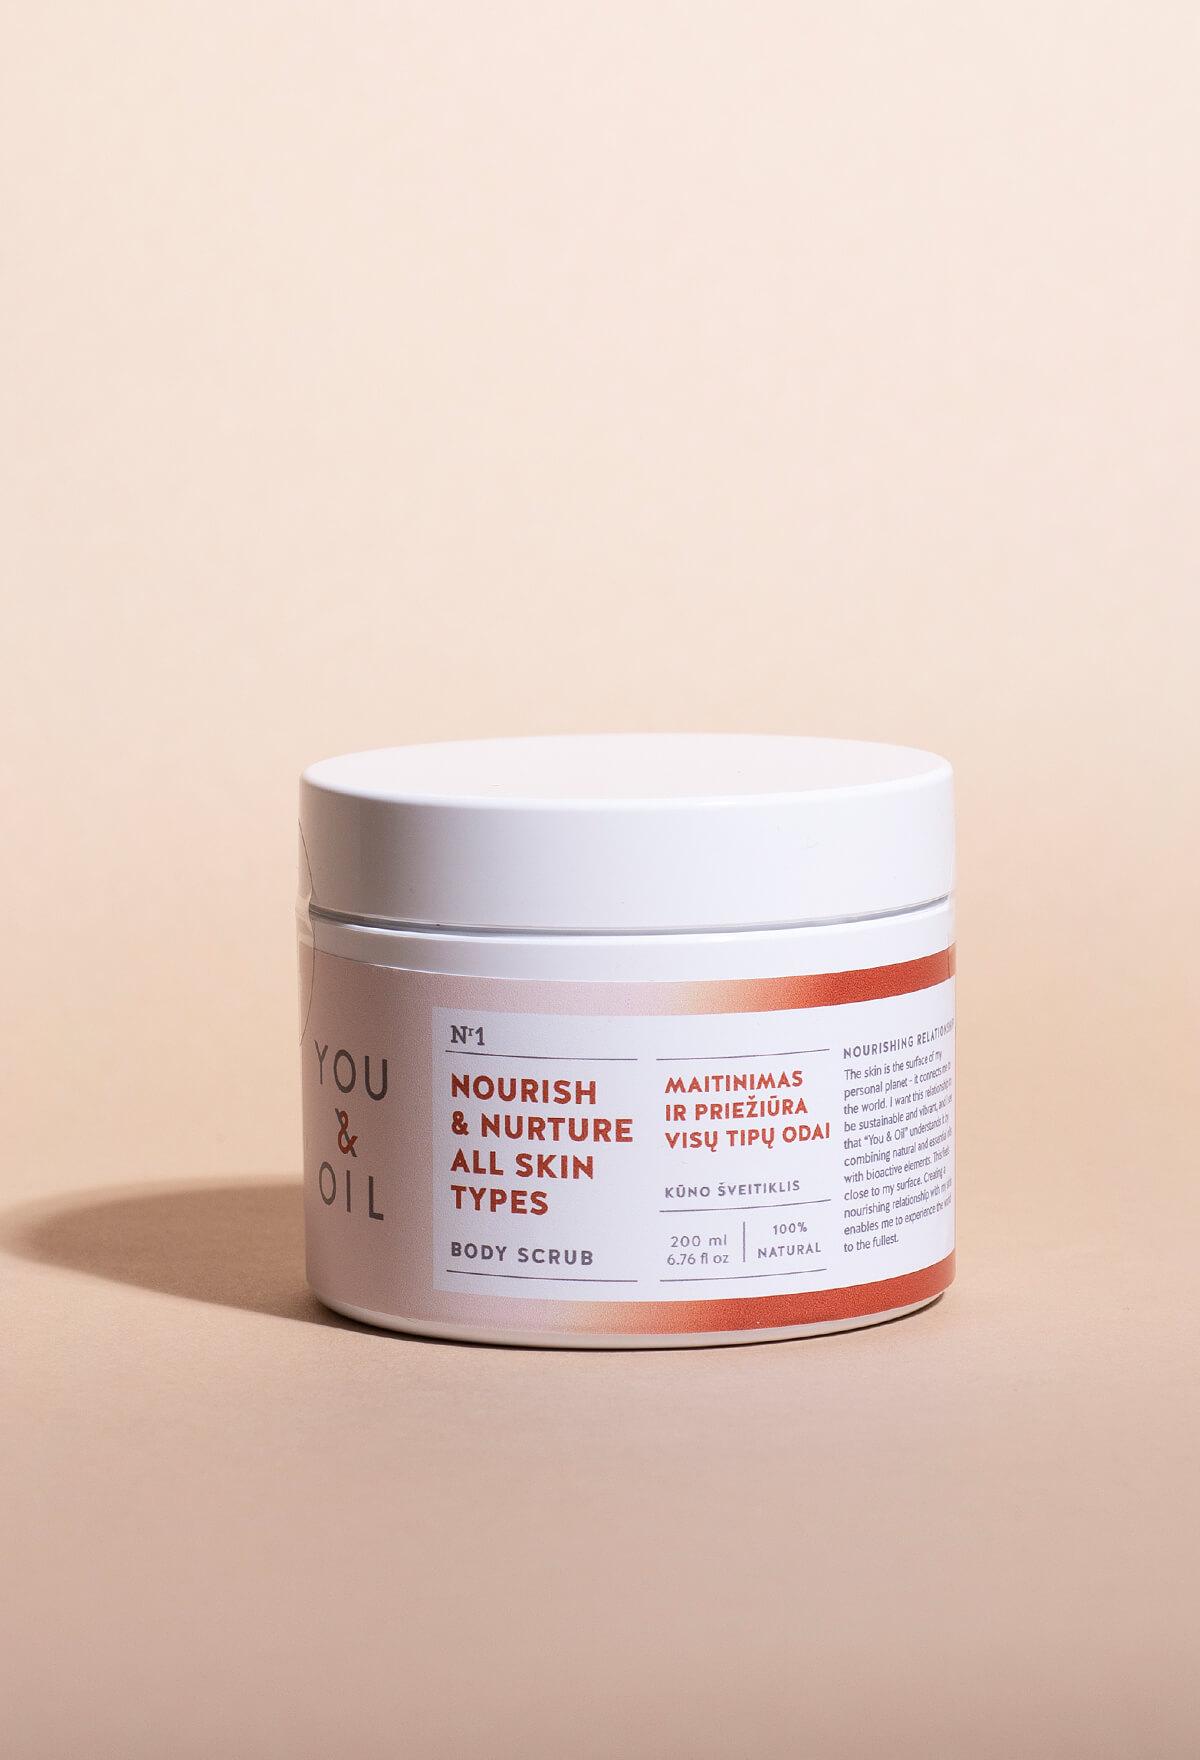 1302Nourish & Nurture All Skin Types